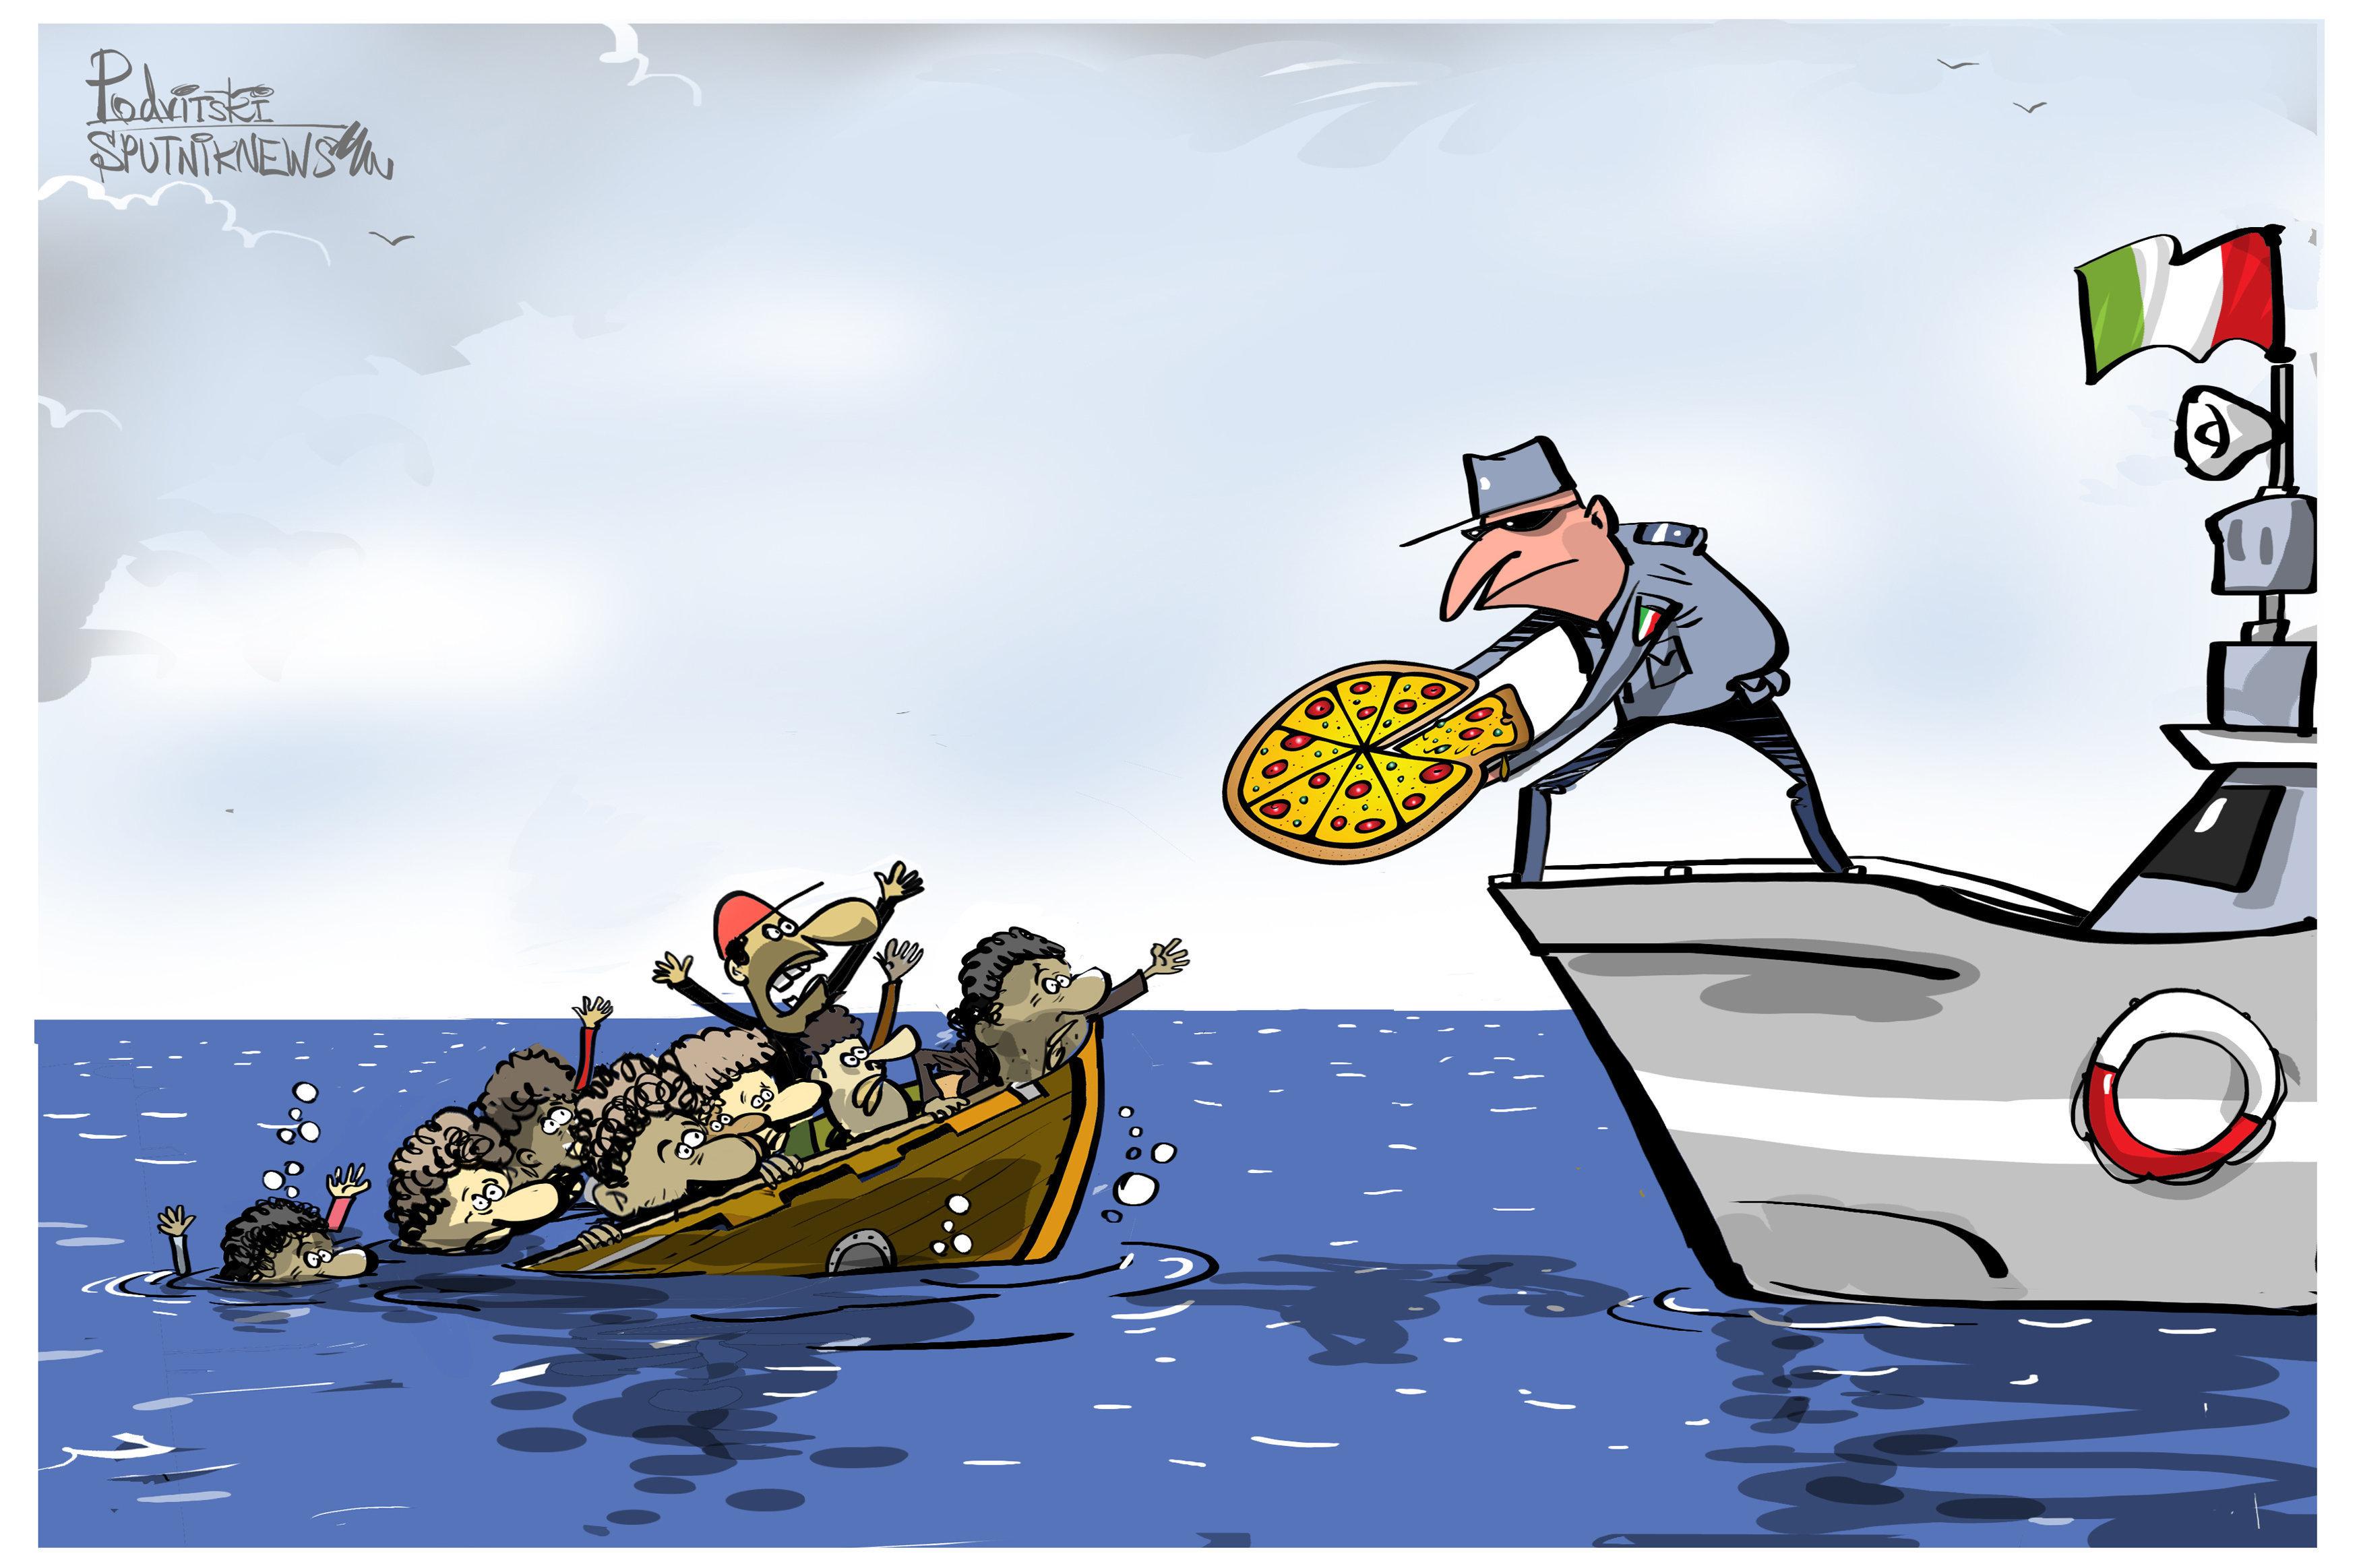 ¡No más salvavidas! Italia vuelve a sus raíces